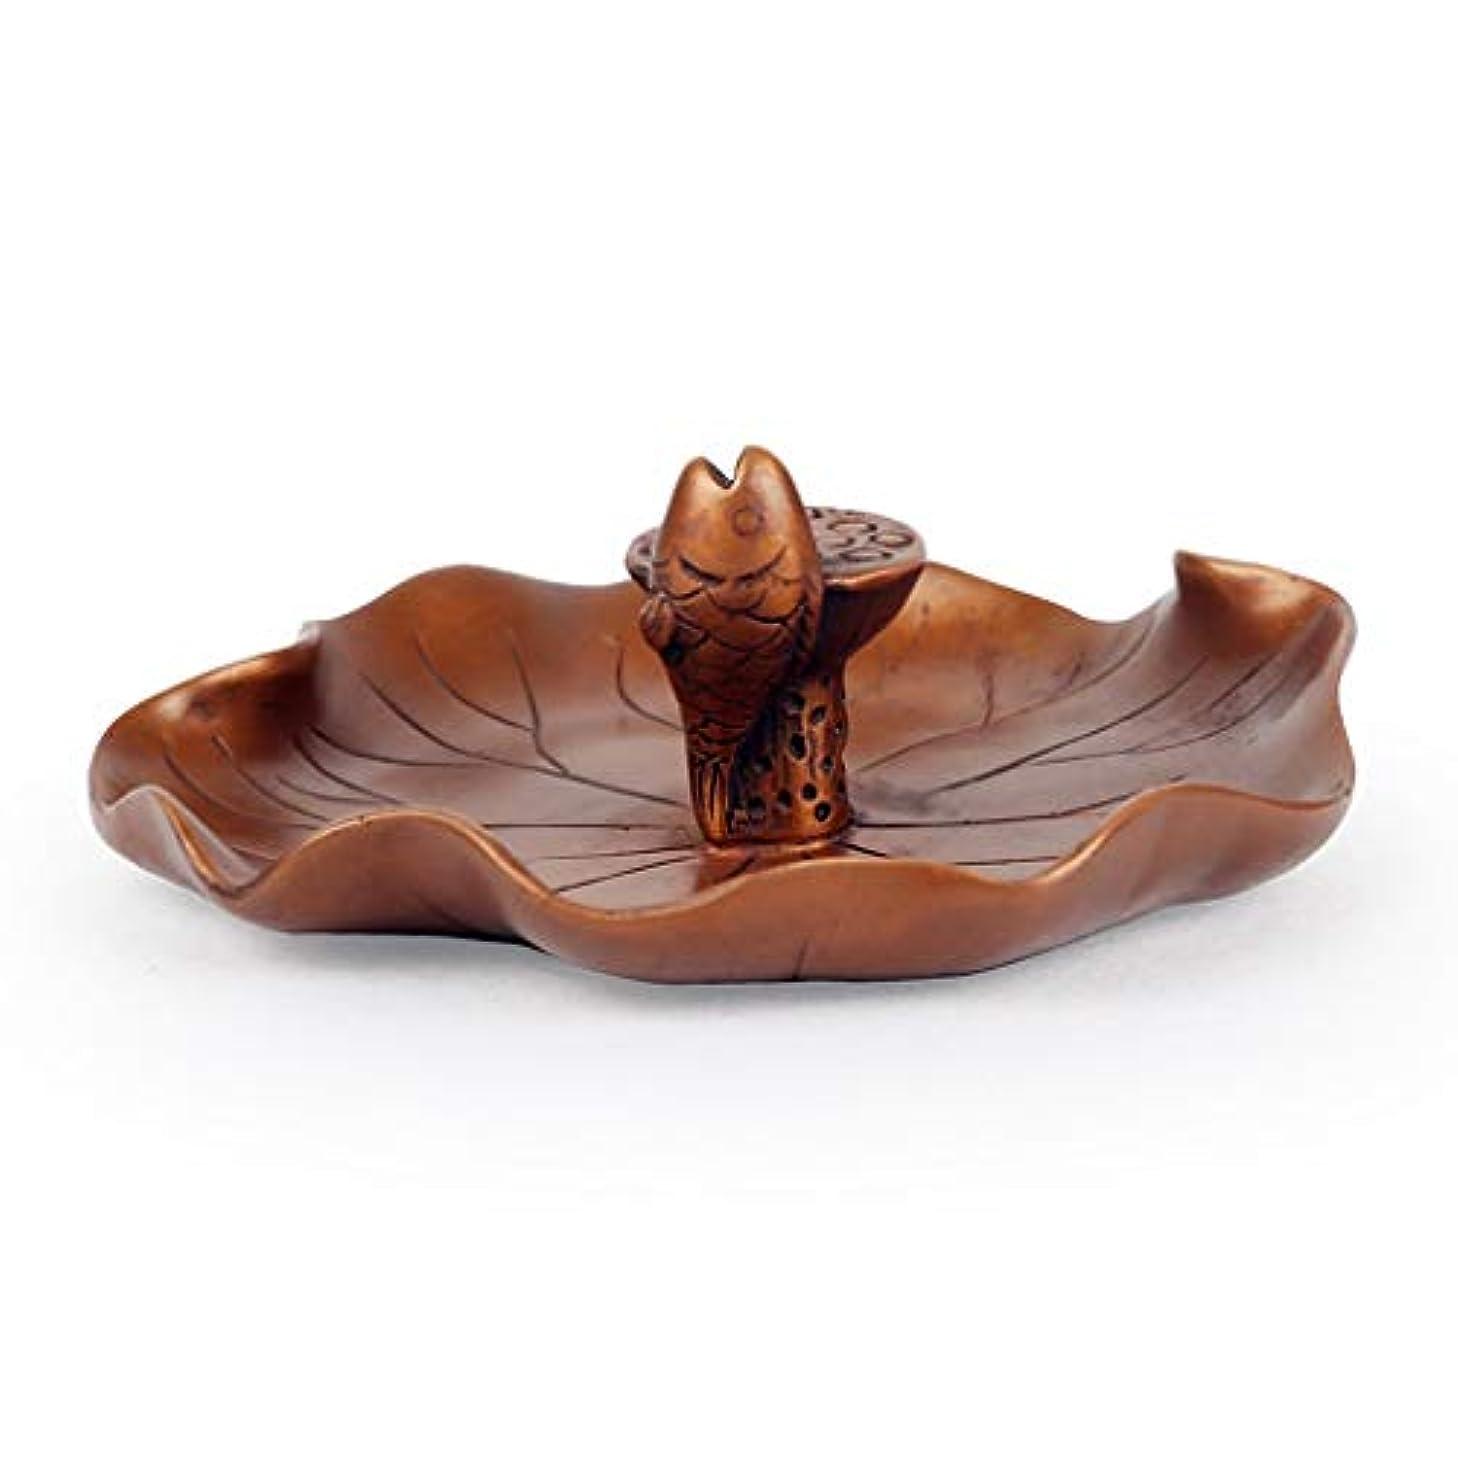 ノイズ人口収穫芳香器?アロマバーナー 還流香炉ホーム香りの良い禅禅ラッキー鑑賞新しいクリエイティブアガーウッド香バーナー装飾 アロマバーナー (Color : Brass)